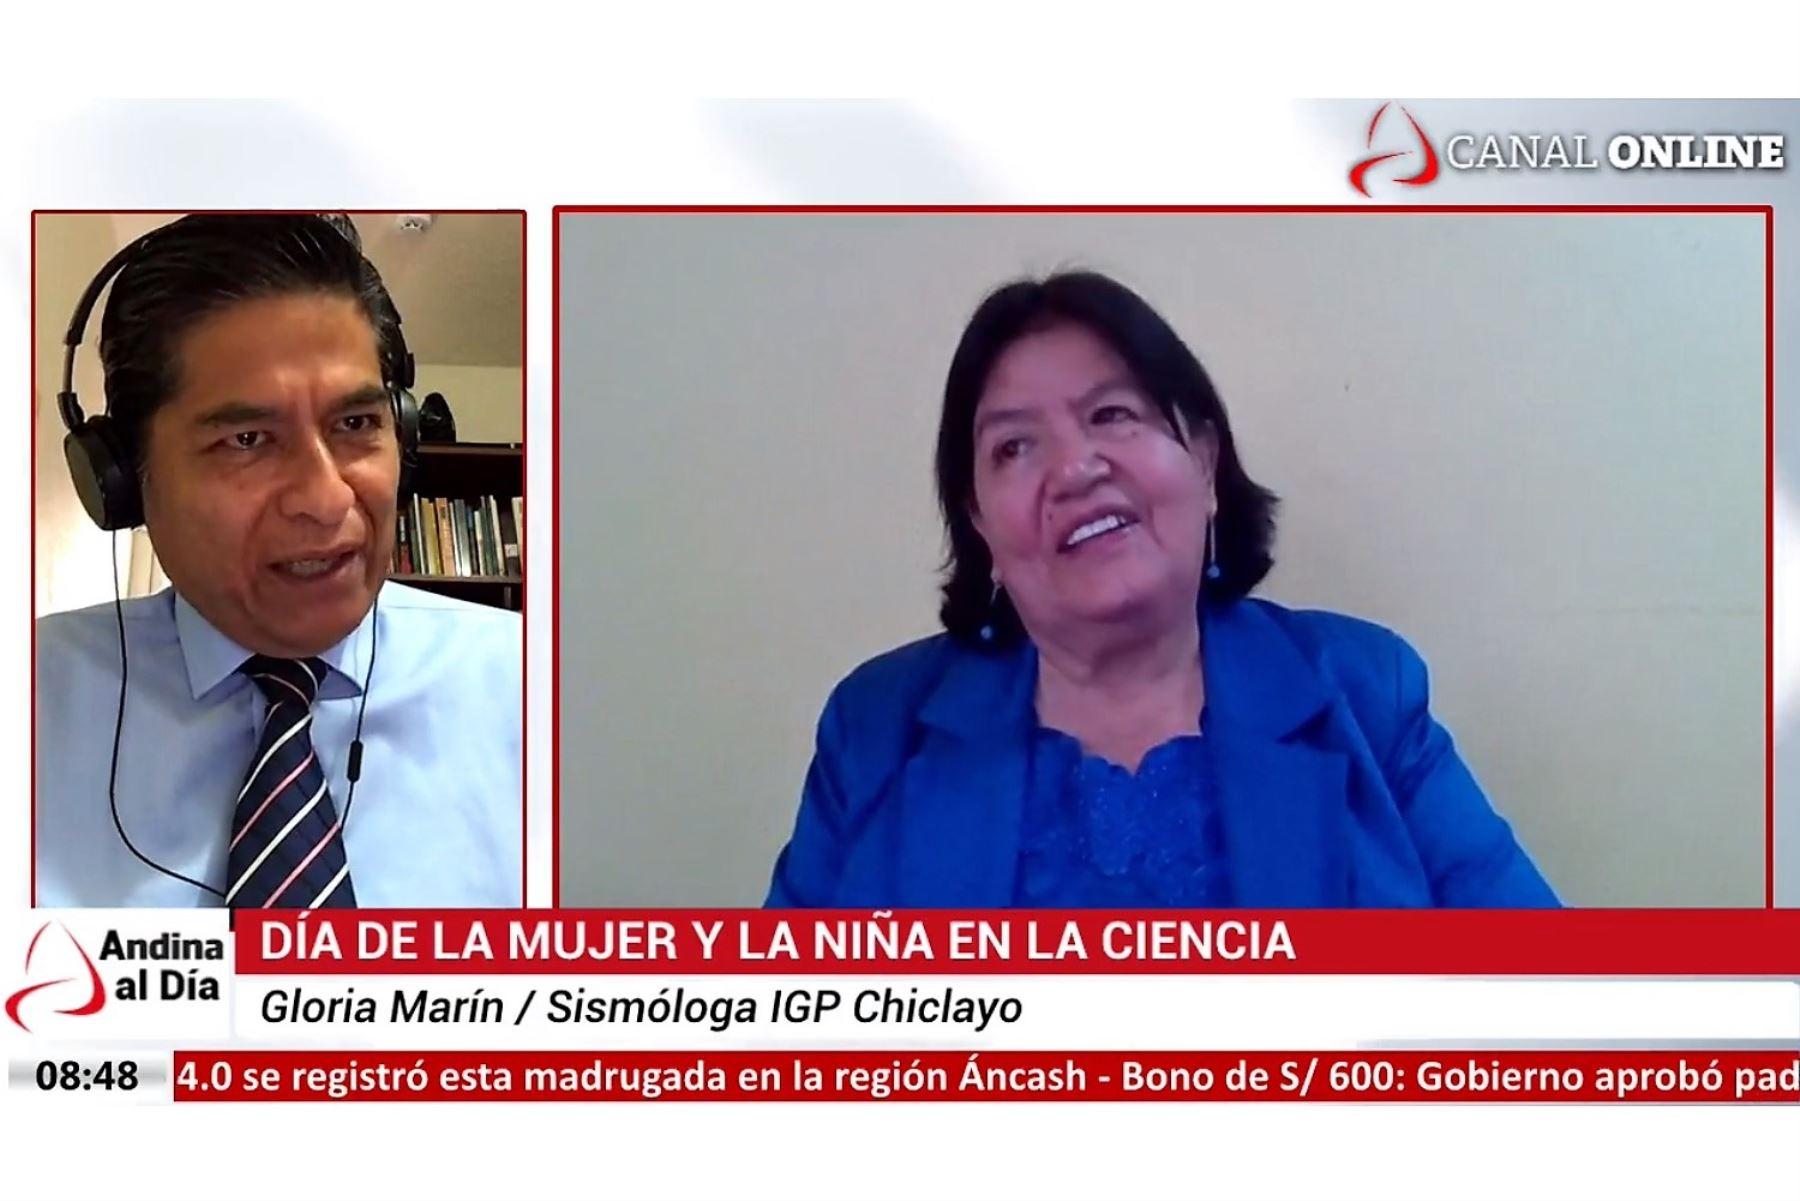 Científica Gloria Marín Ruiz brinda una entrevista a la agencia Andina con ocasión del Día Internacional de la Mujer y la Niña en la Ciencia.